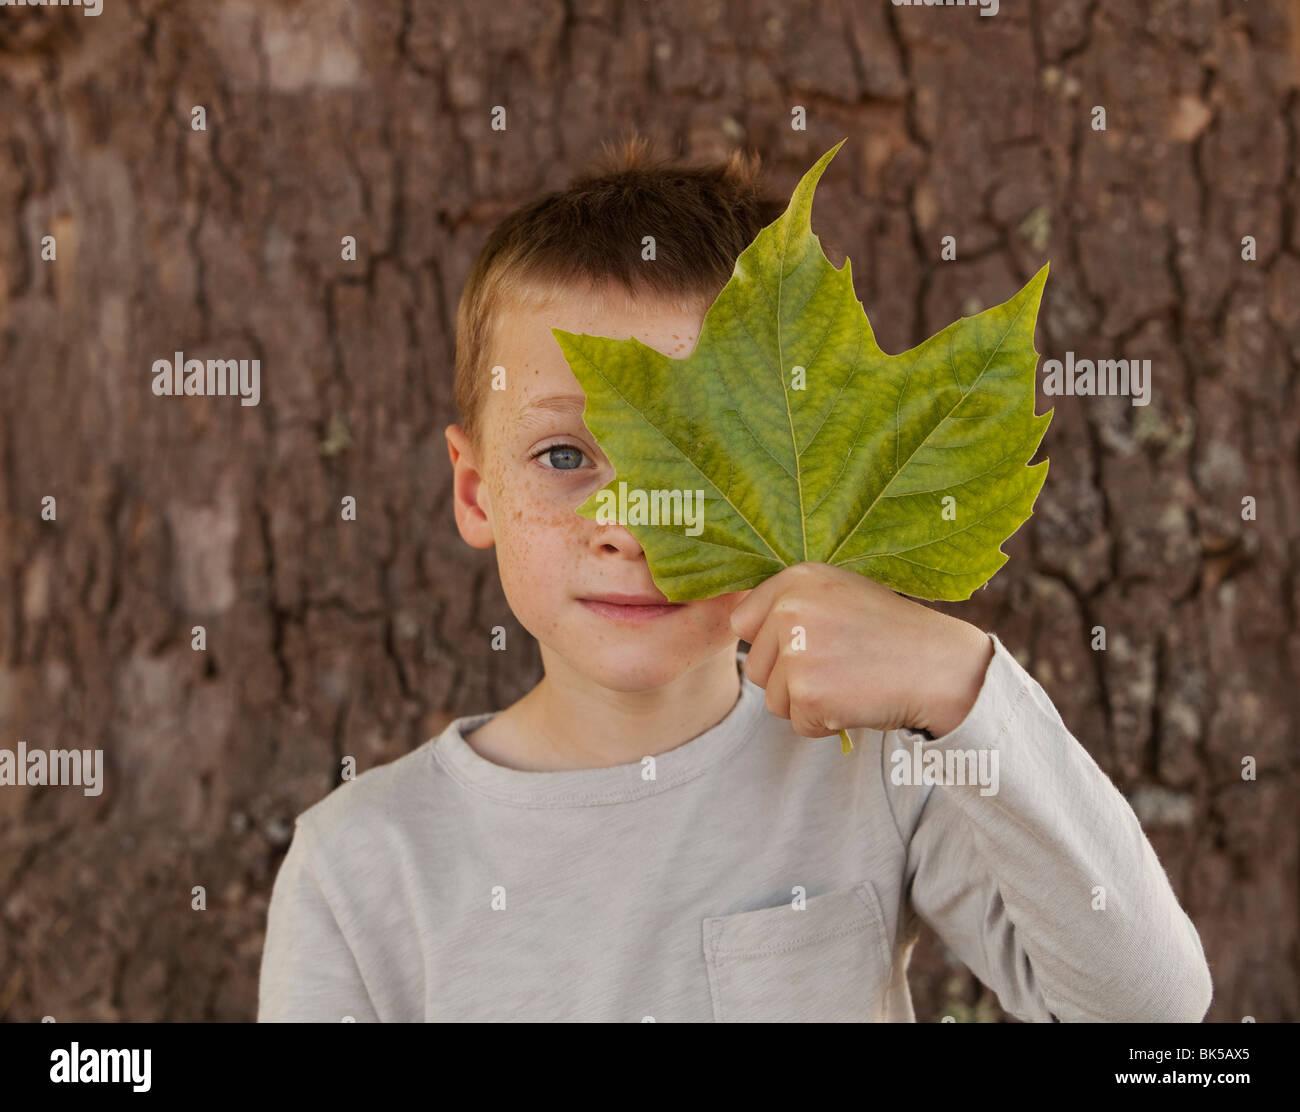 Ragazzo nascondersi dietro a grandi foglie verde Immagini Stock